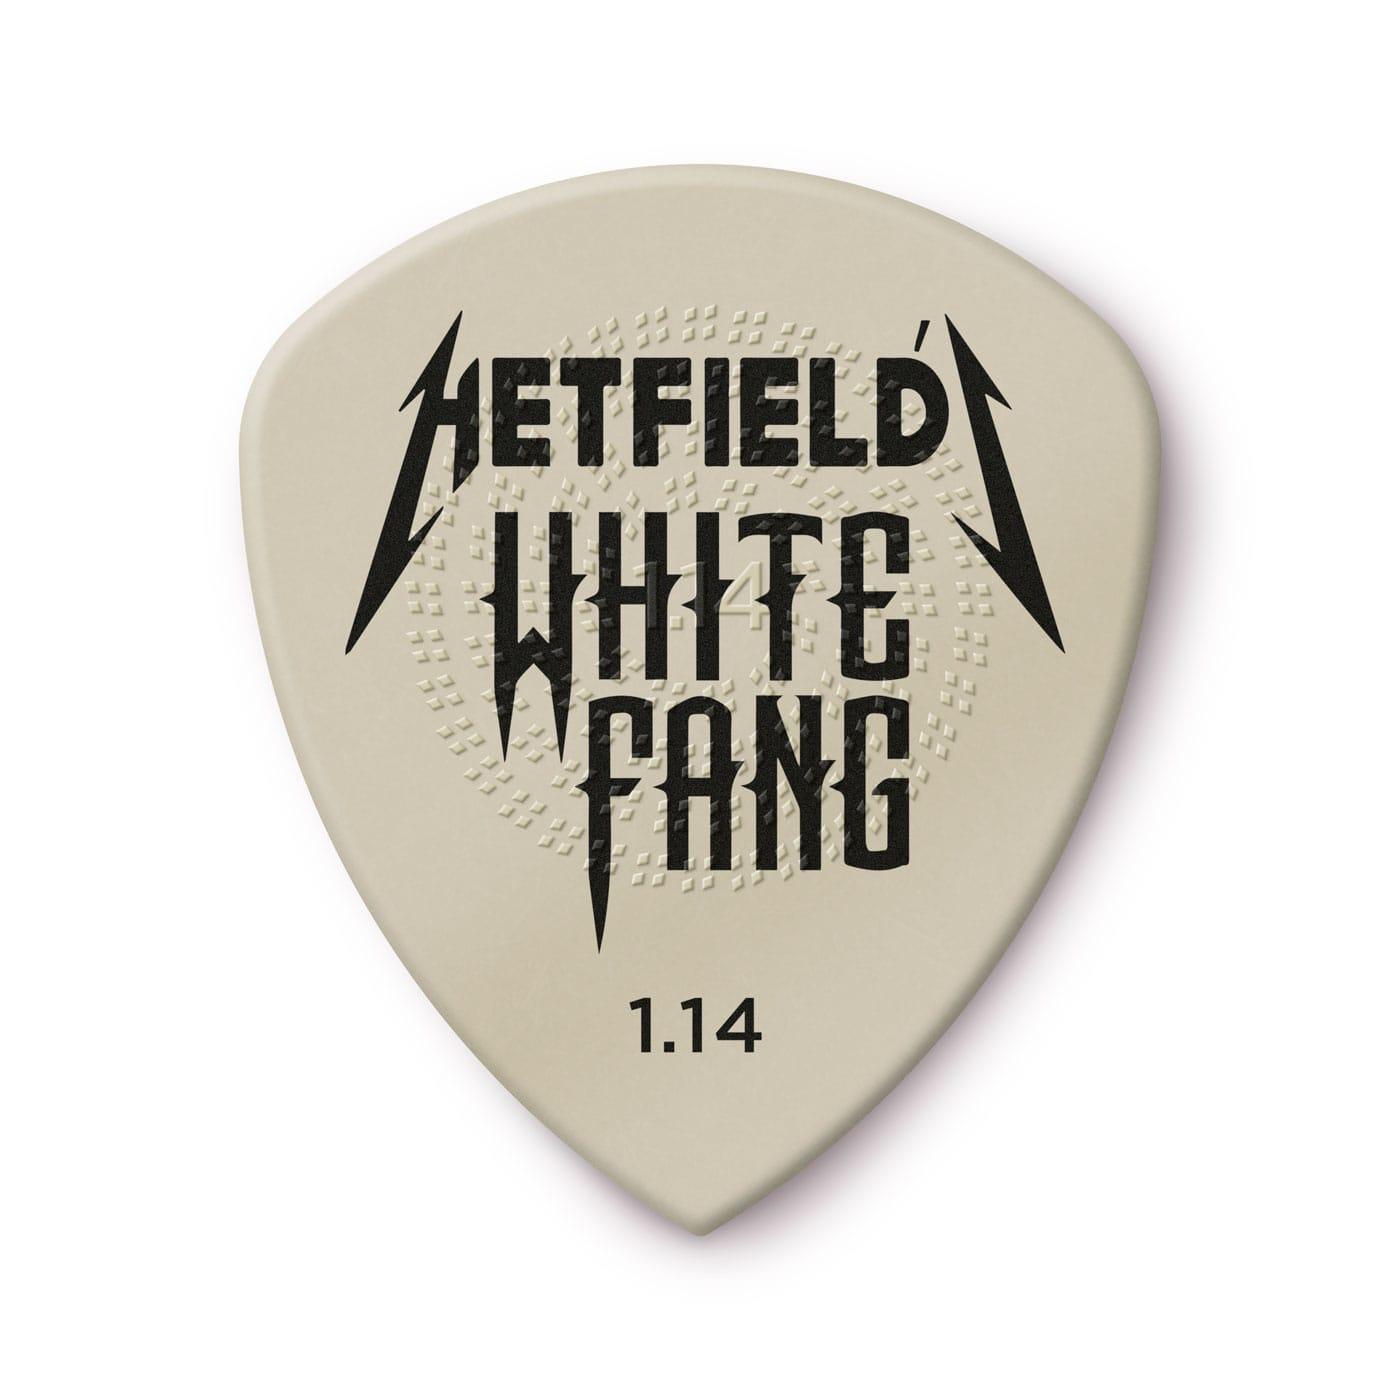 DUNLOP Médiators Custom Flow Hetfield's White Fang